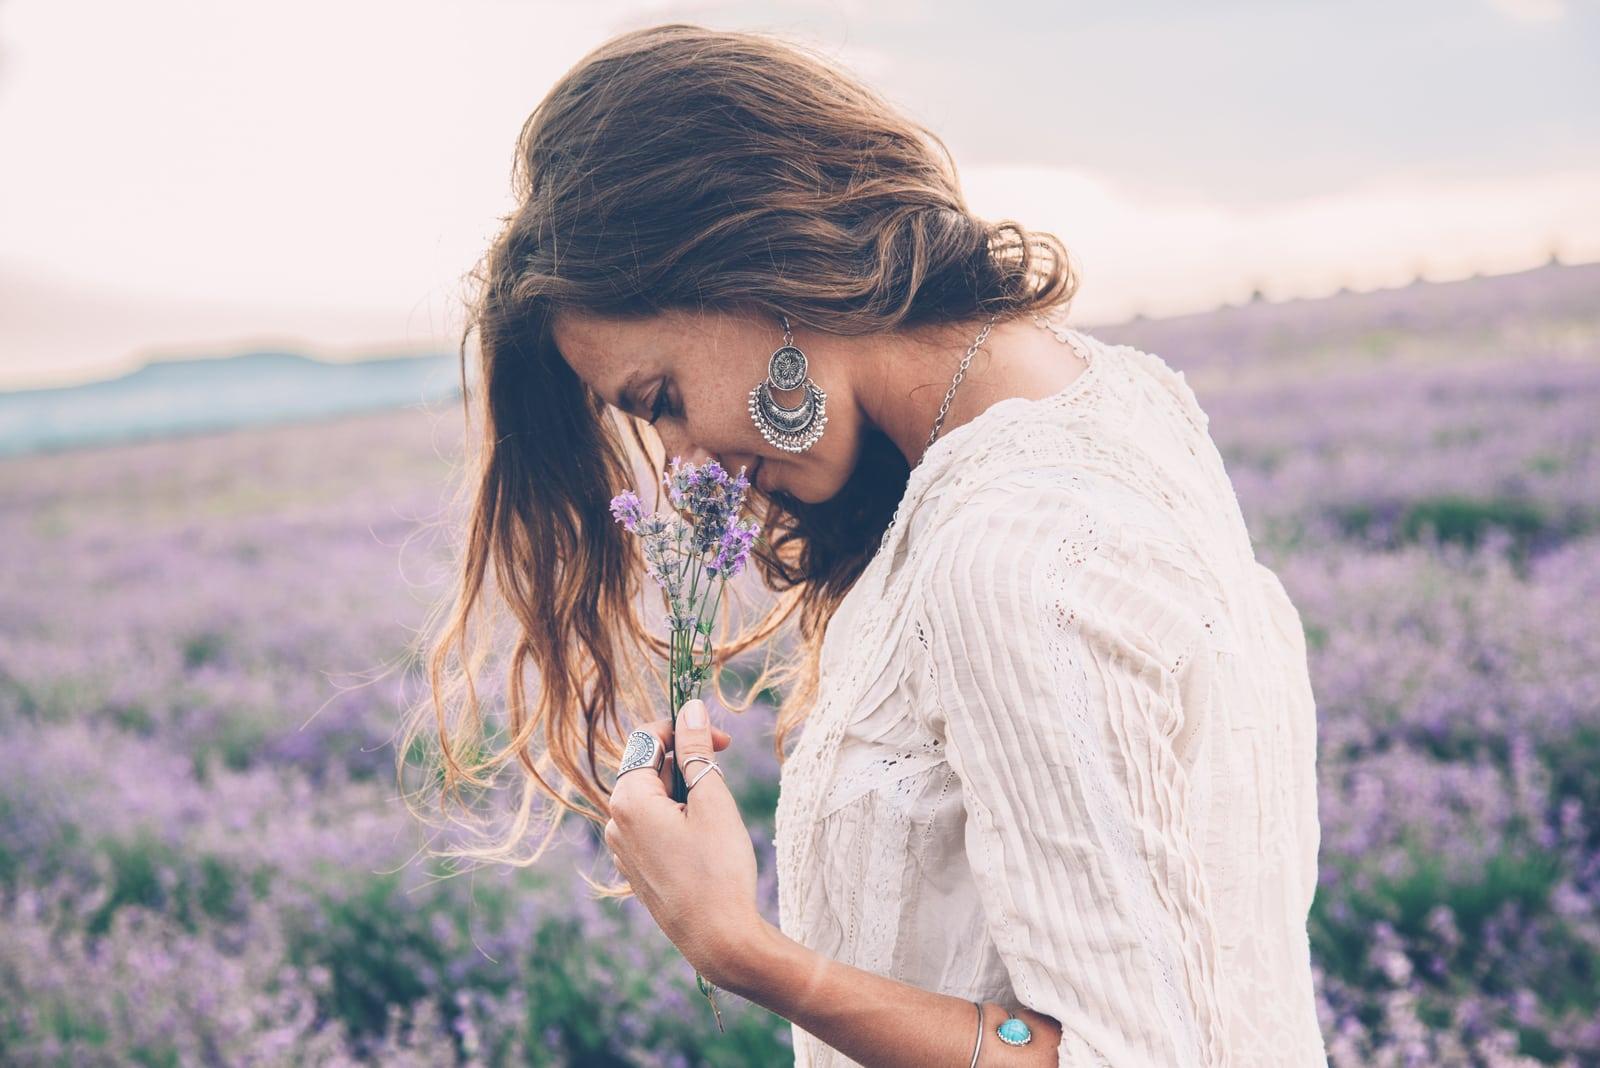 woman walking on lavender field in sunrise